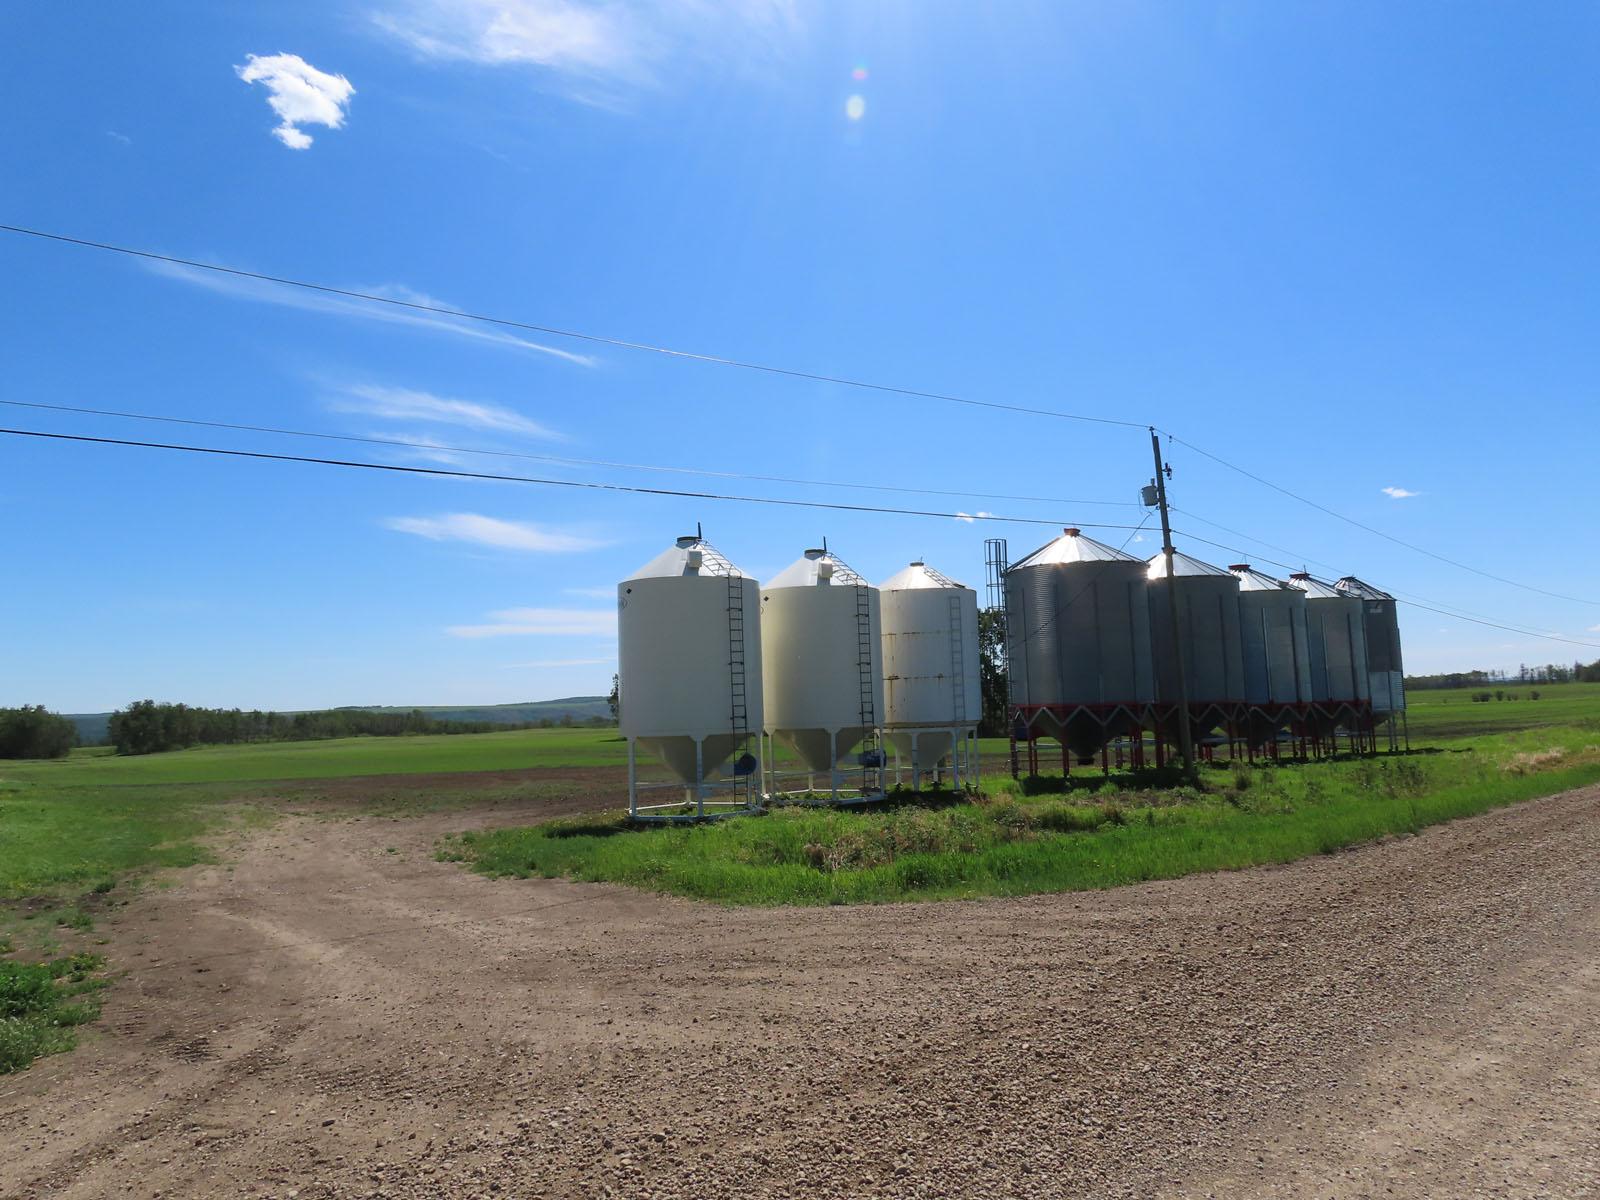 Fort st john grain farm 046